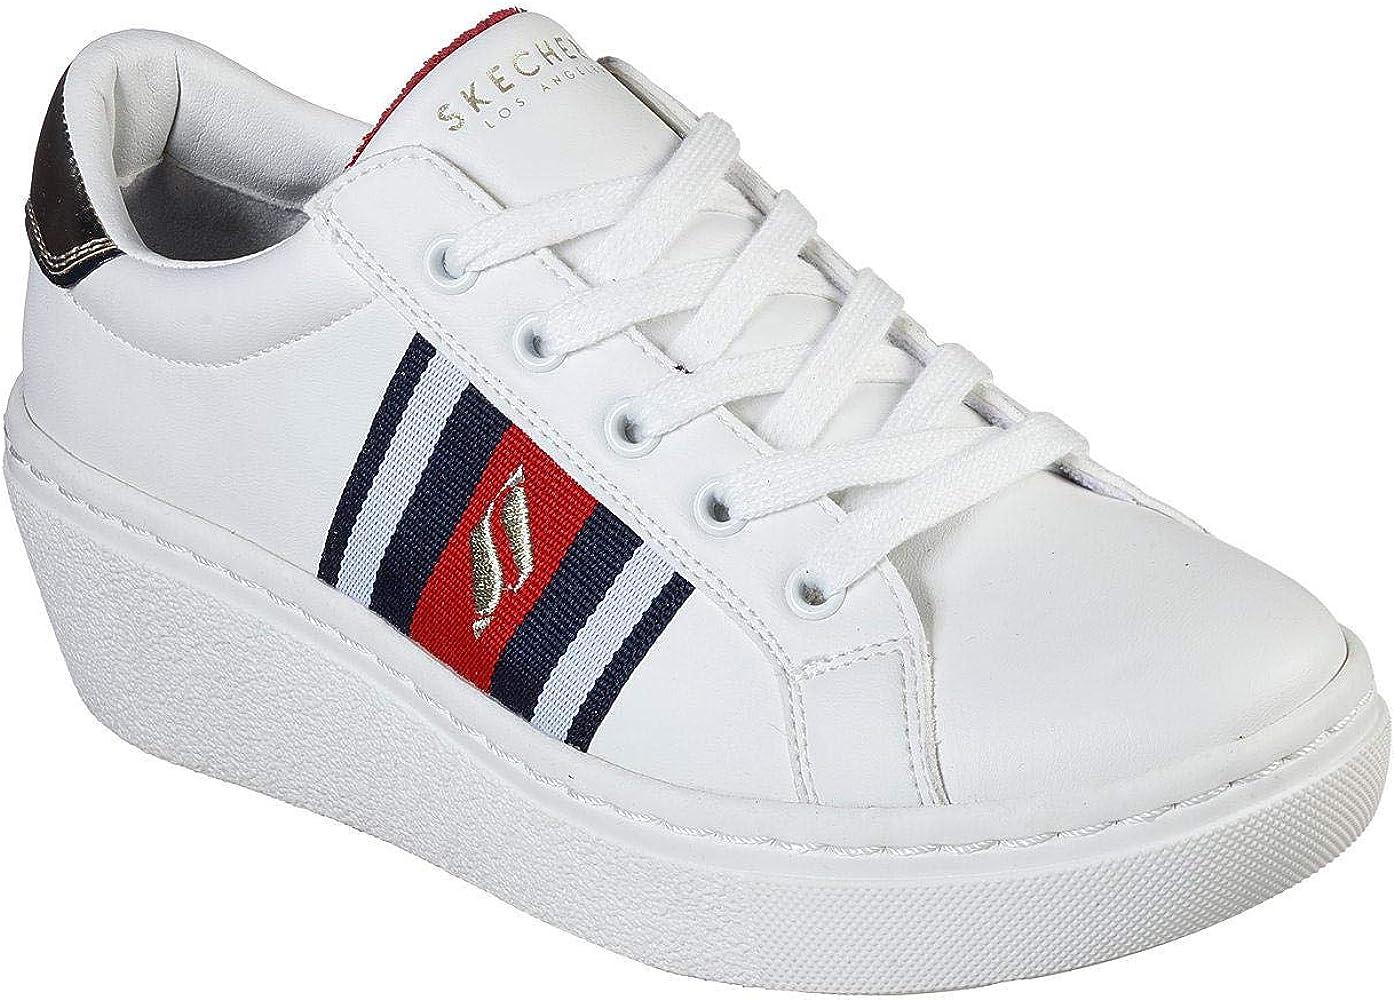 skechers sneaker wedges